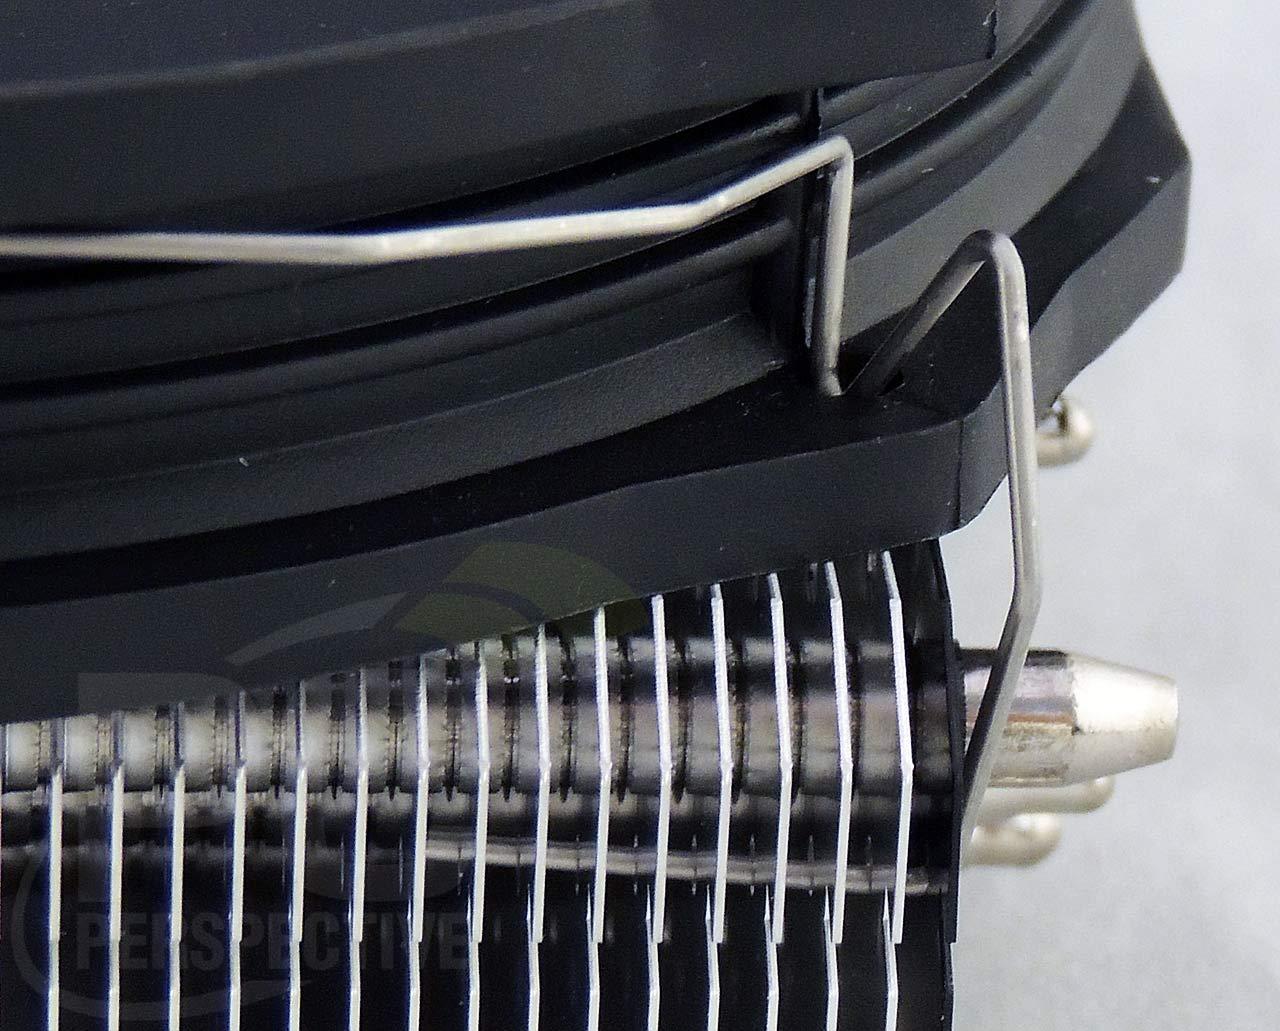 12-cooler-faninstalled-side-closeup.jpg